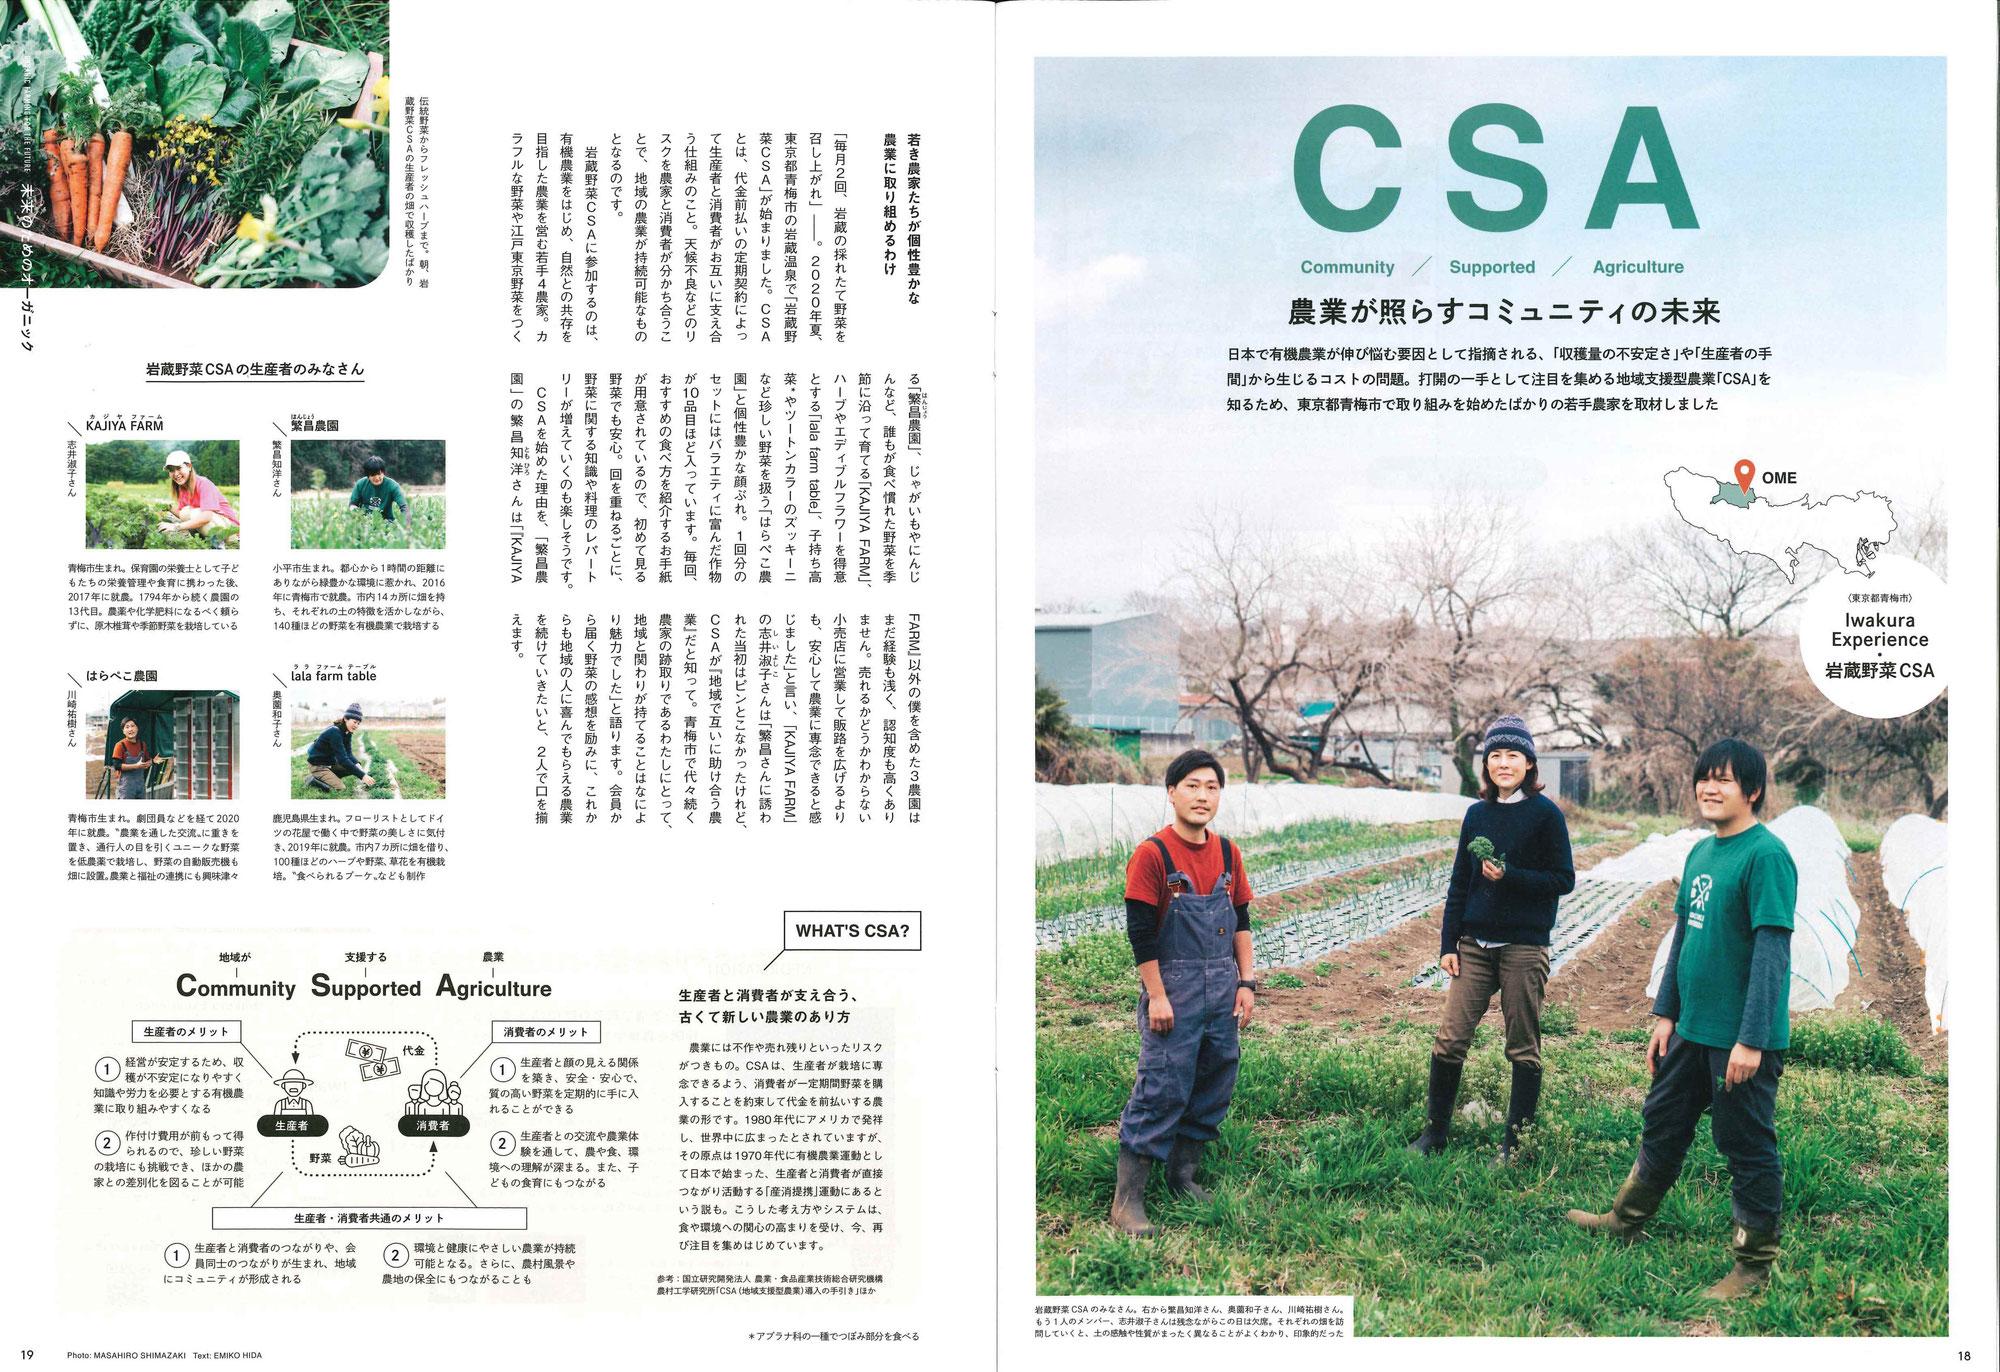 【メトロミニッツ】岩蔵CSAが掲載されました!